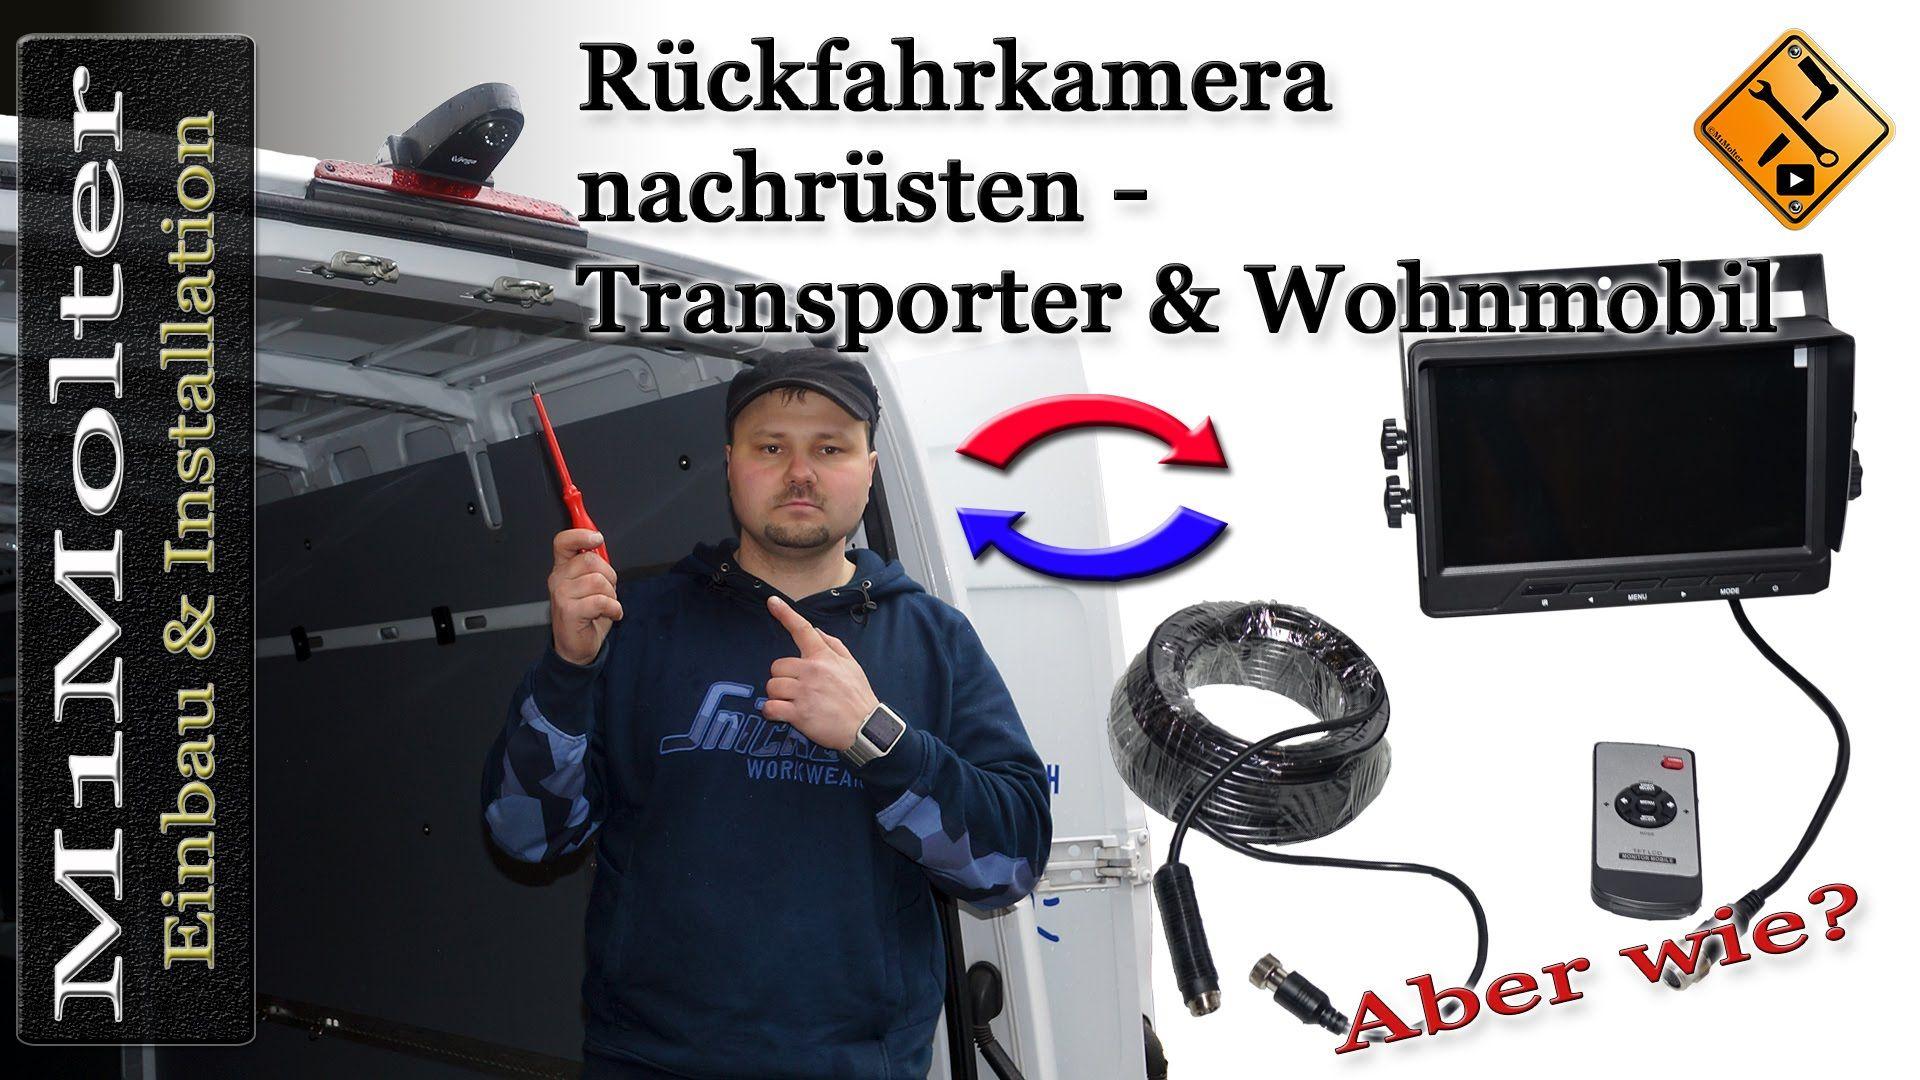 rückfahrkamera nachrüsten - transporter & wohnmobil- einbau